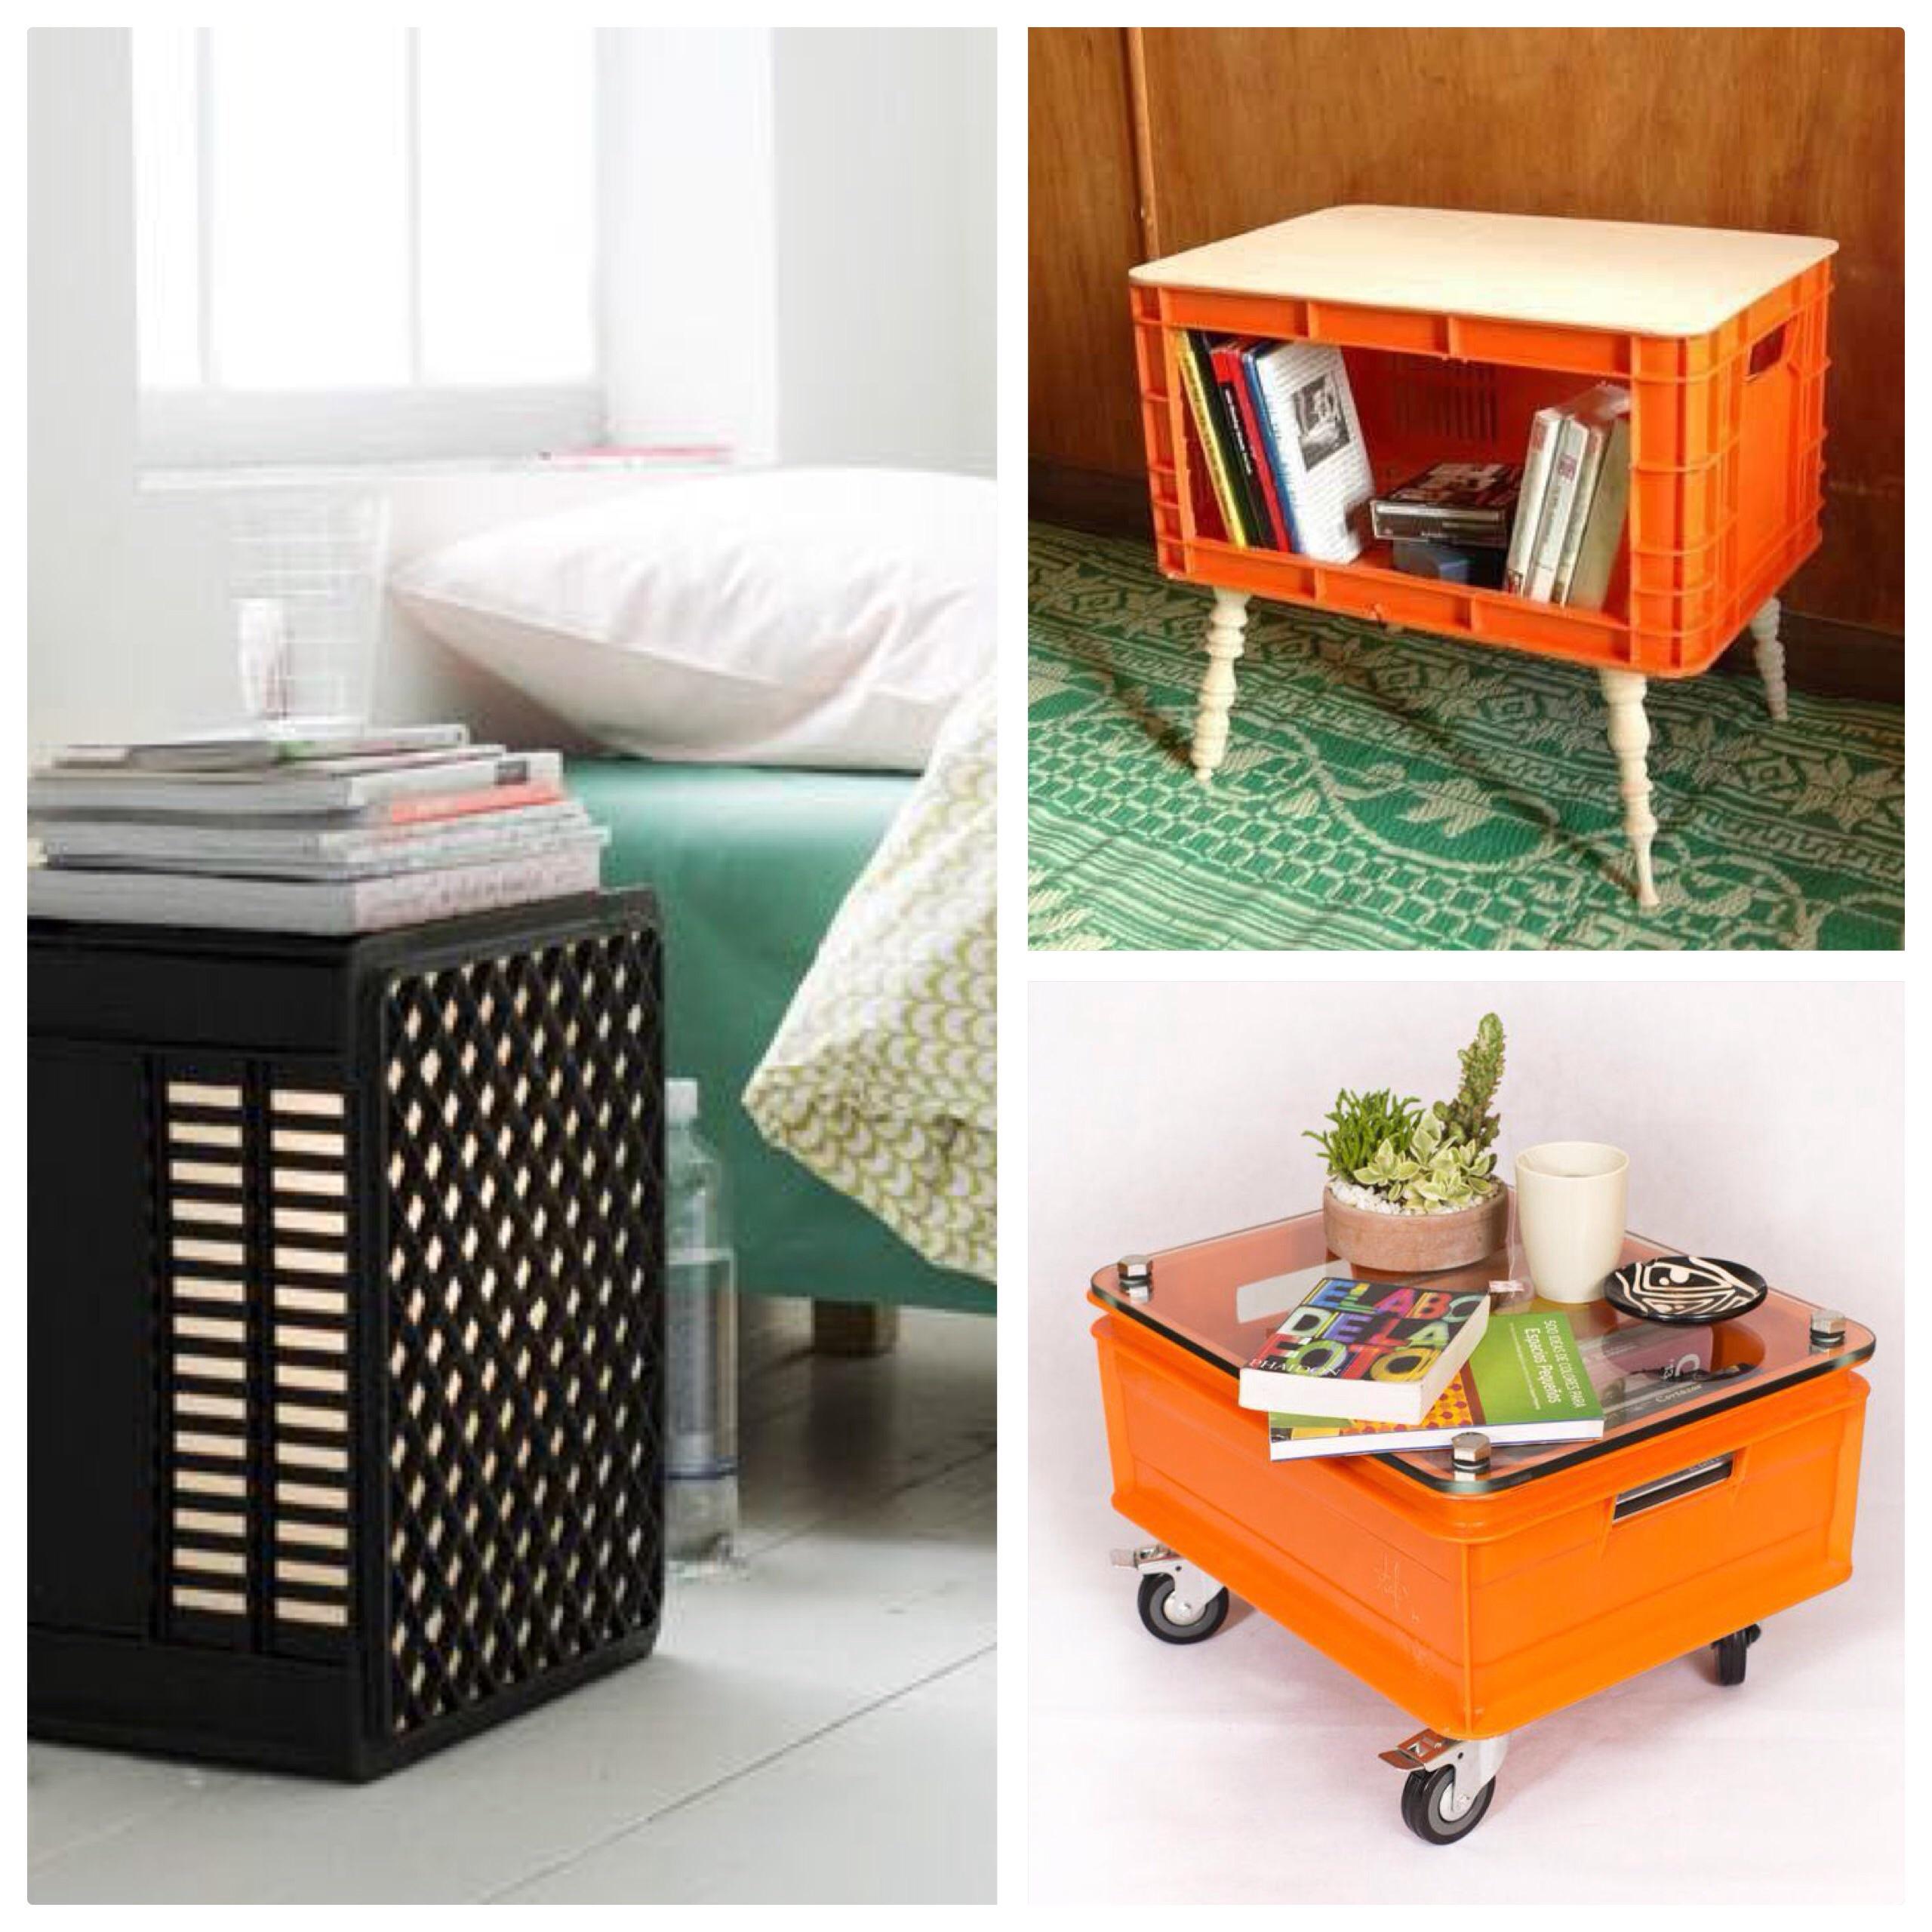 Nueva vida a las cajas de pl stico ideas de decoraci n for Decorar mi casa reciclando